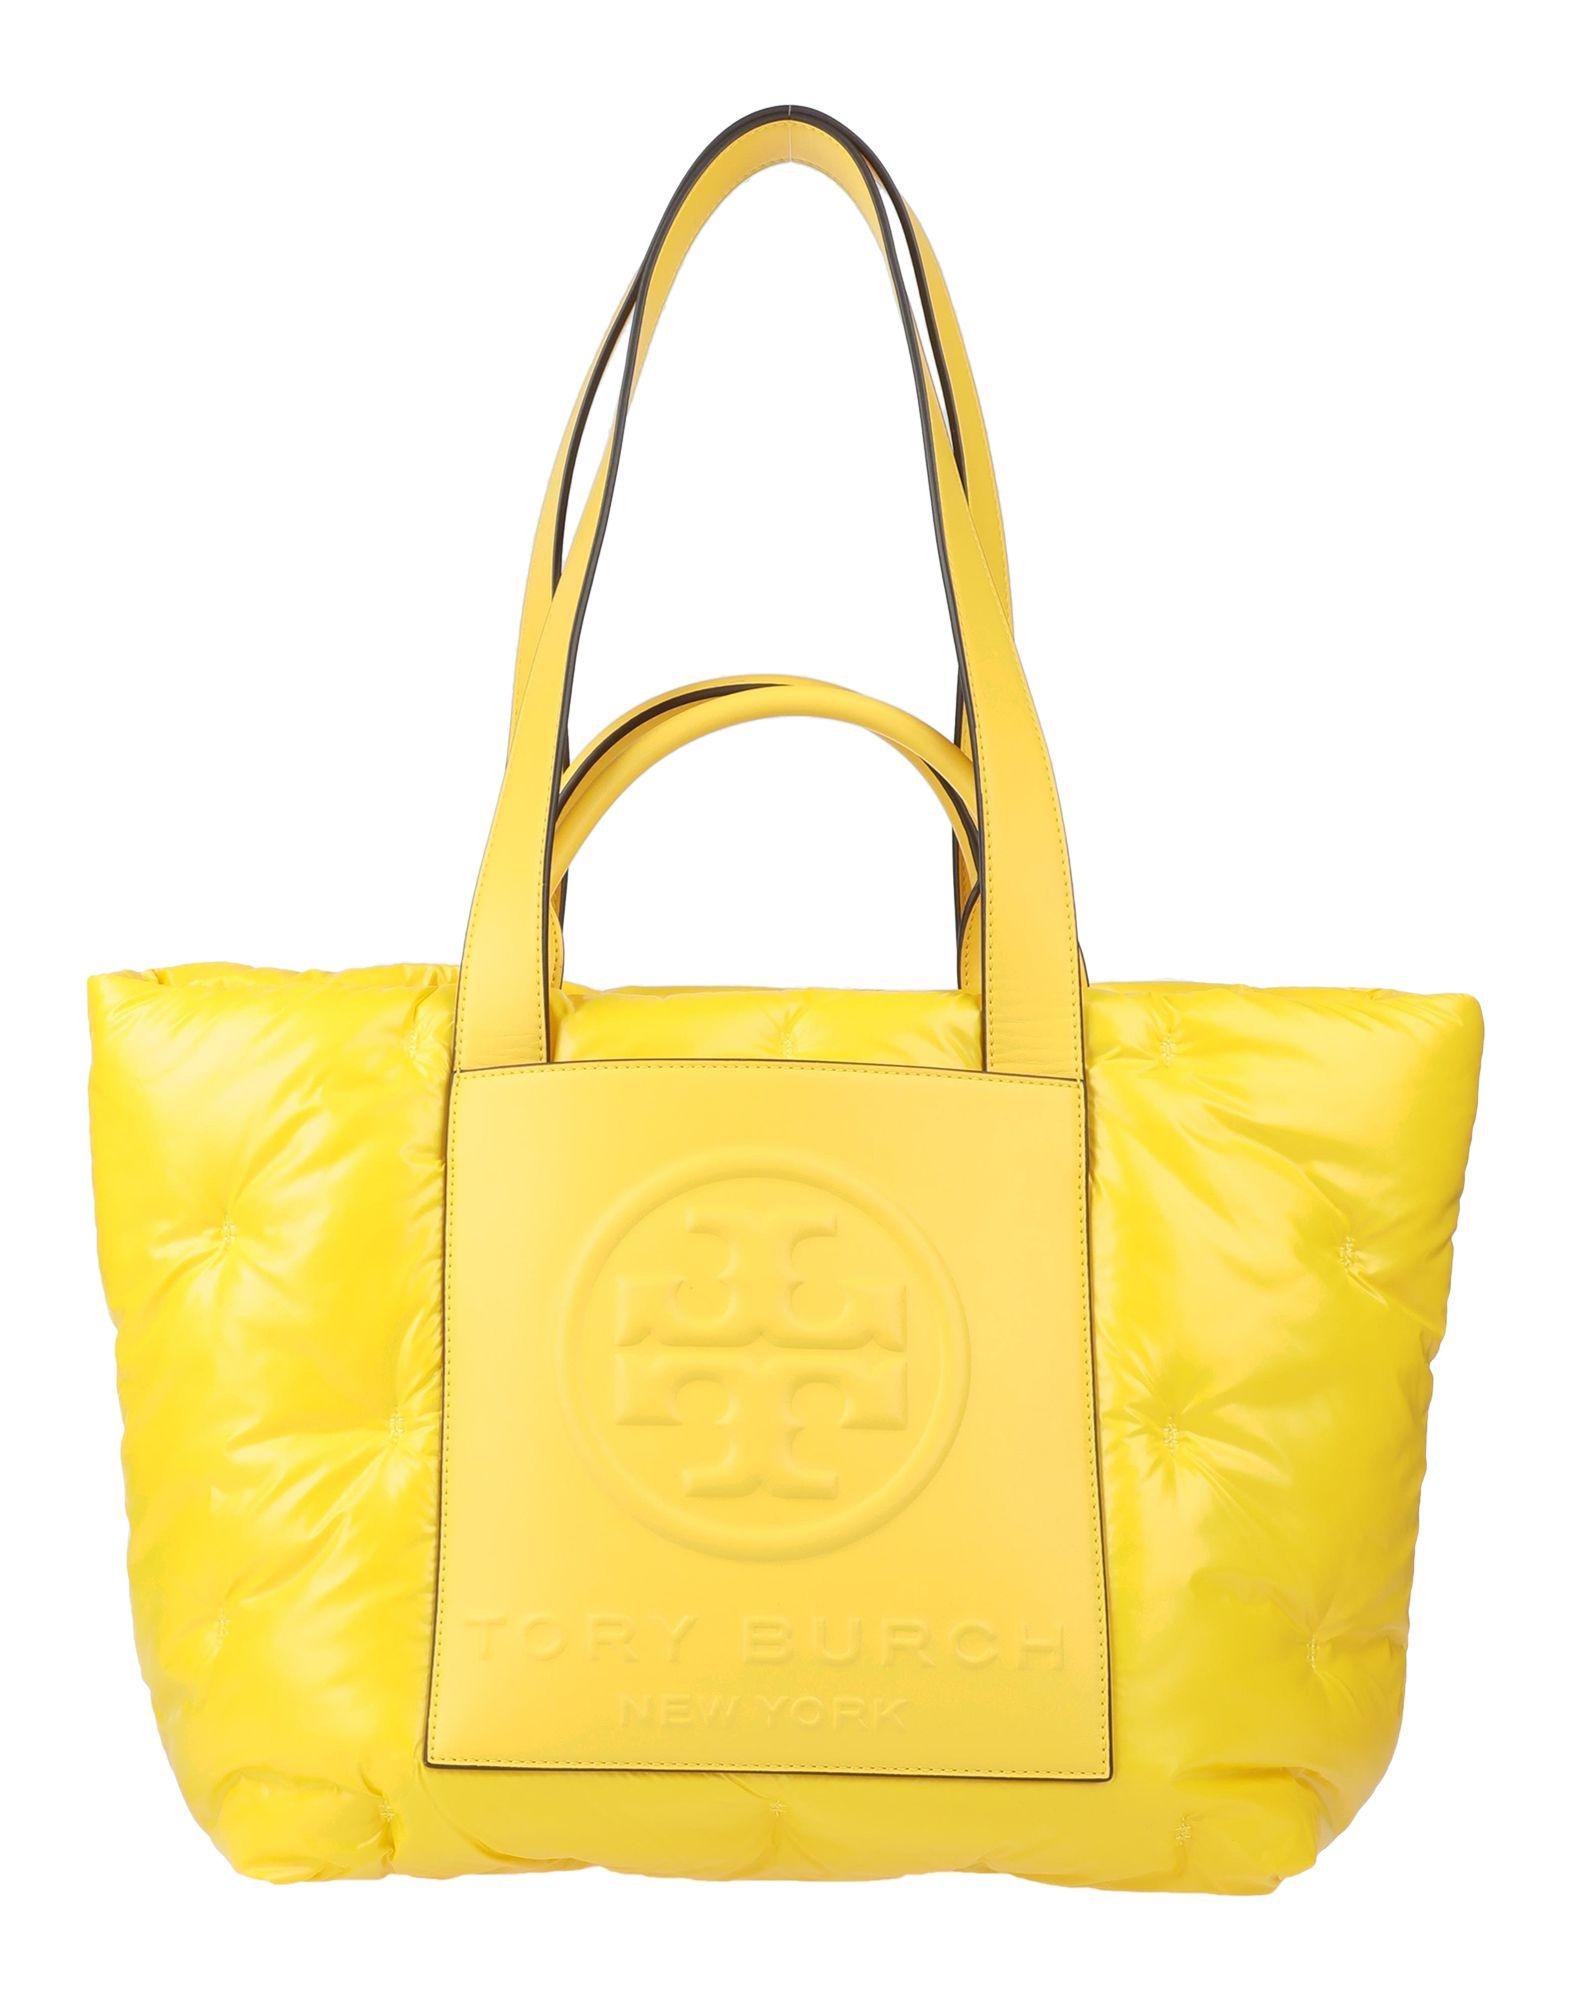 TORY BURCH Shoulder bags - Item 45527587